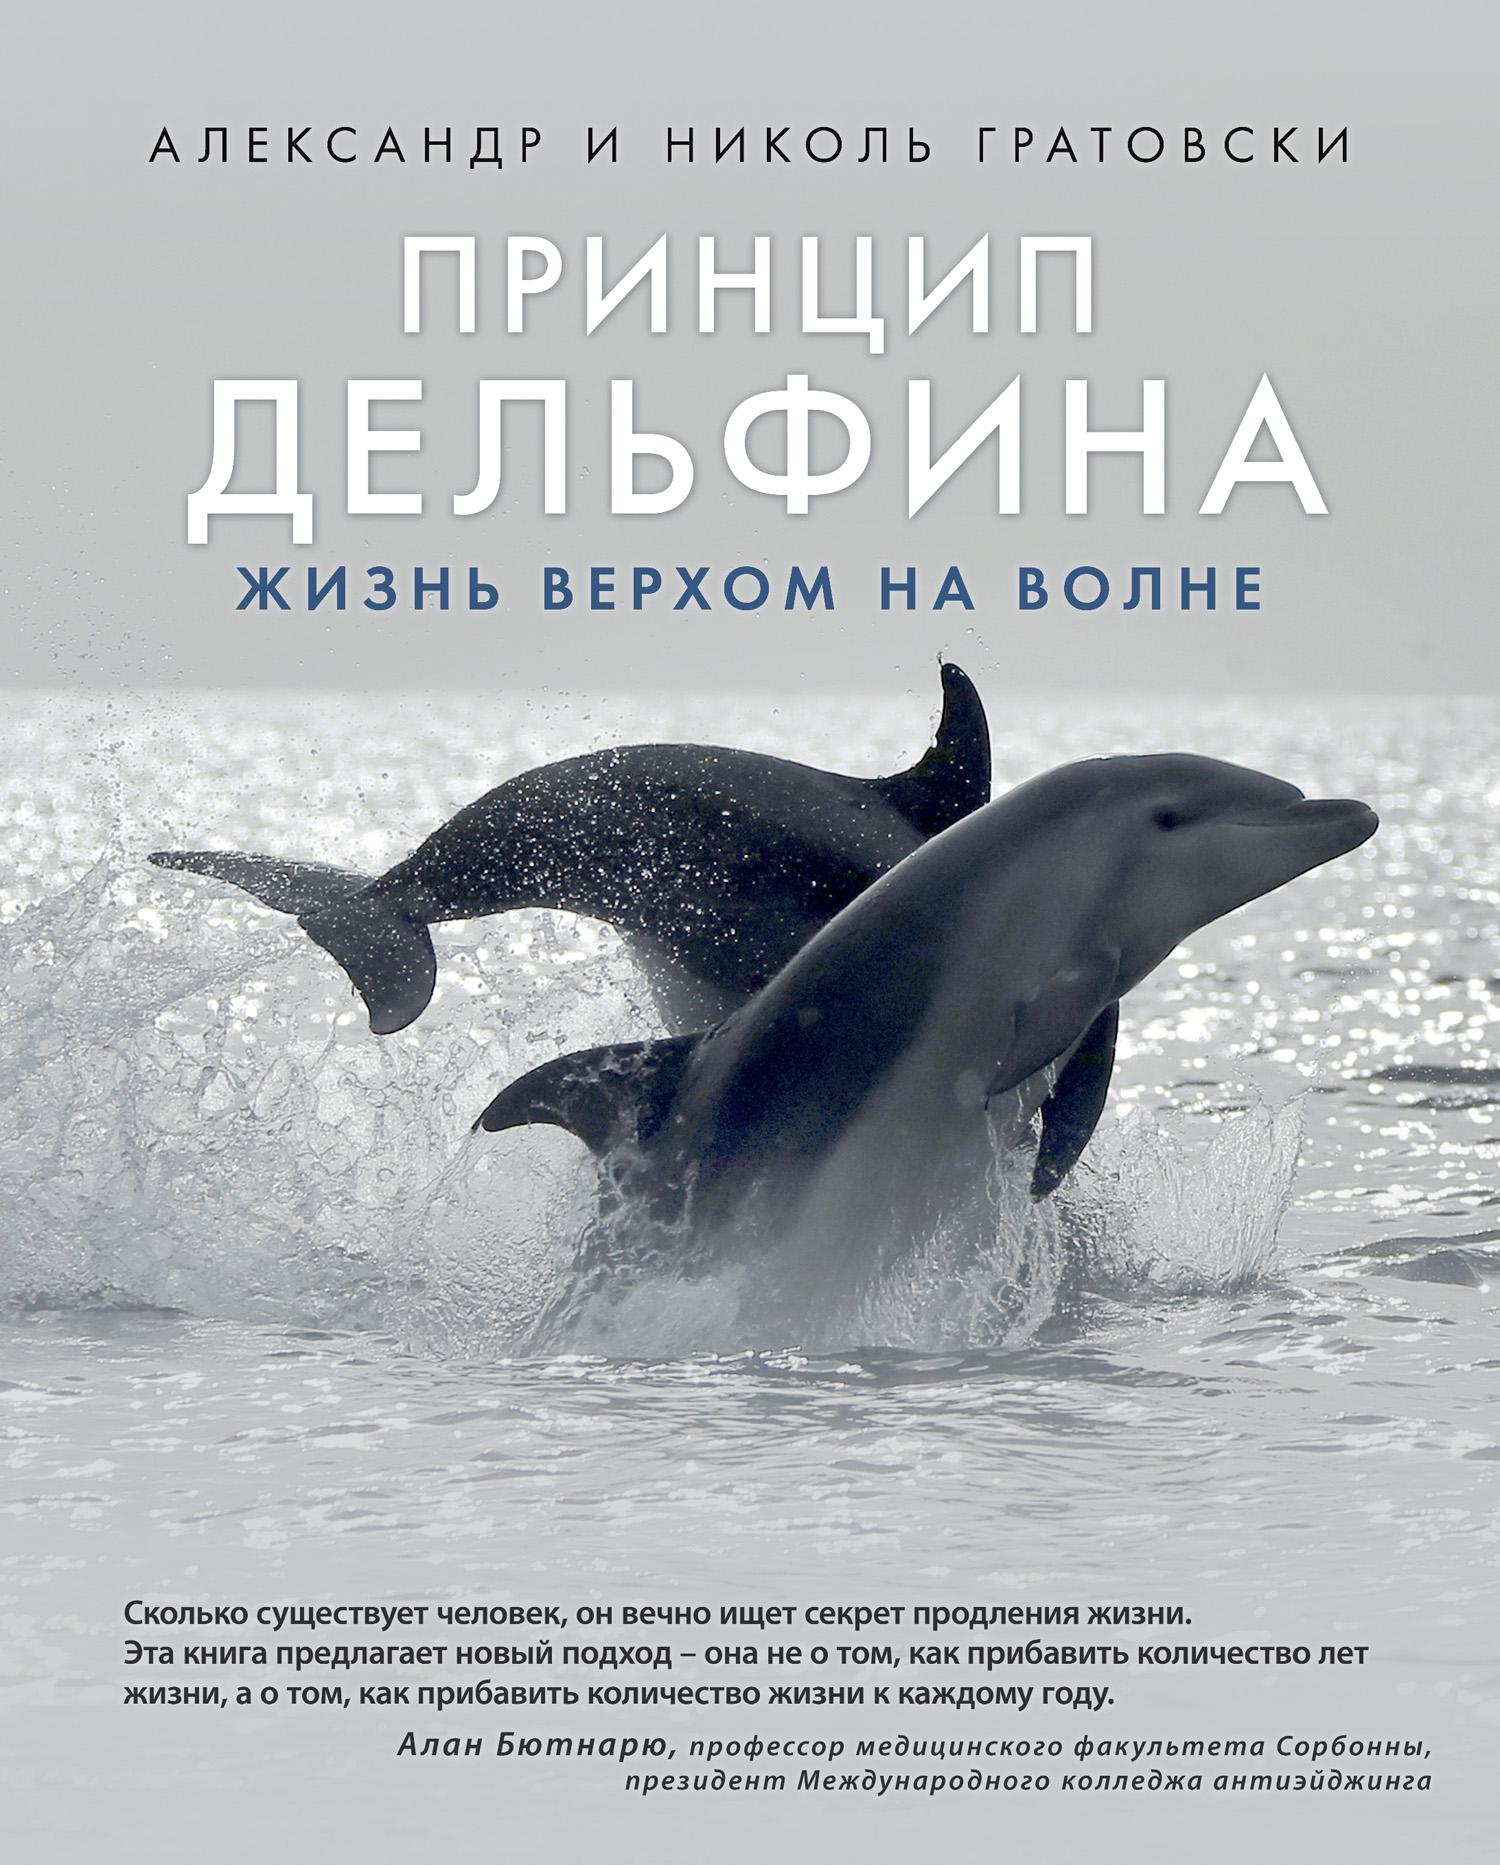 Александр Гратовски Принцип дельфина: жизнь верхом на волне